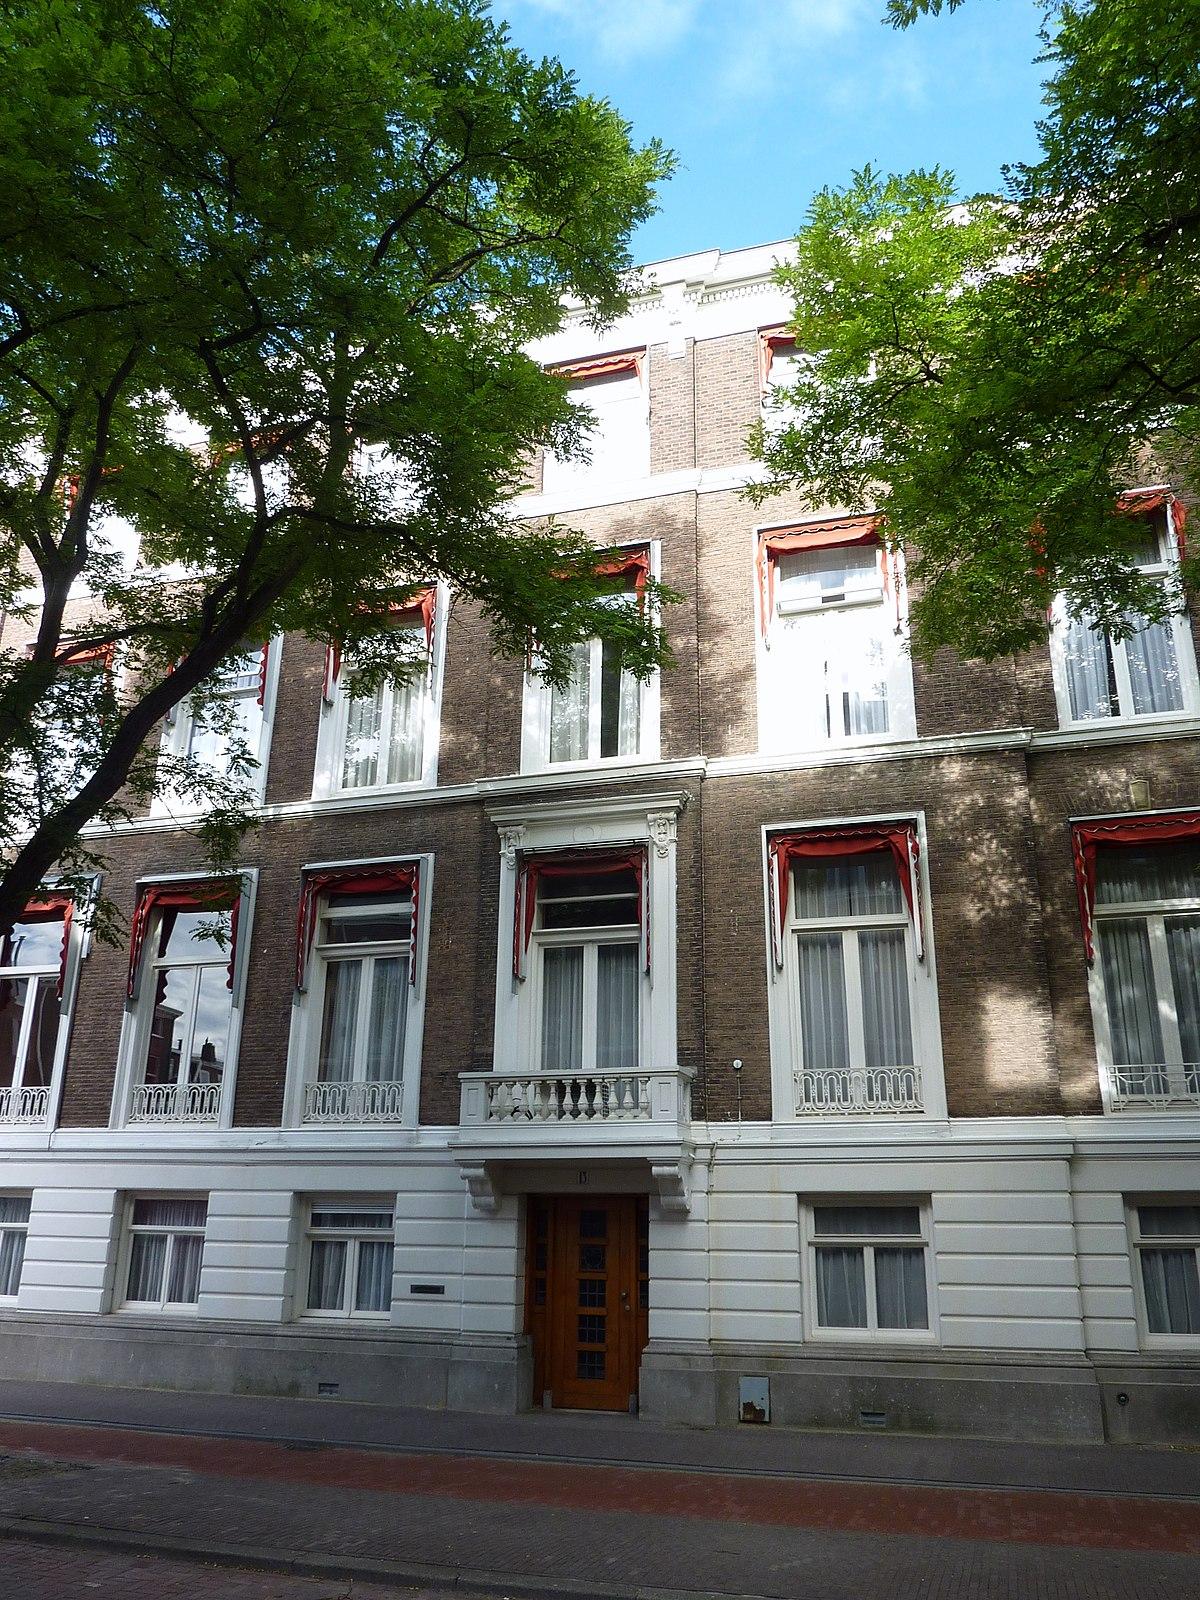 Amaliastraat den haag wikipedia for Bureau 13 den haag